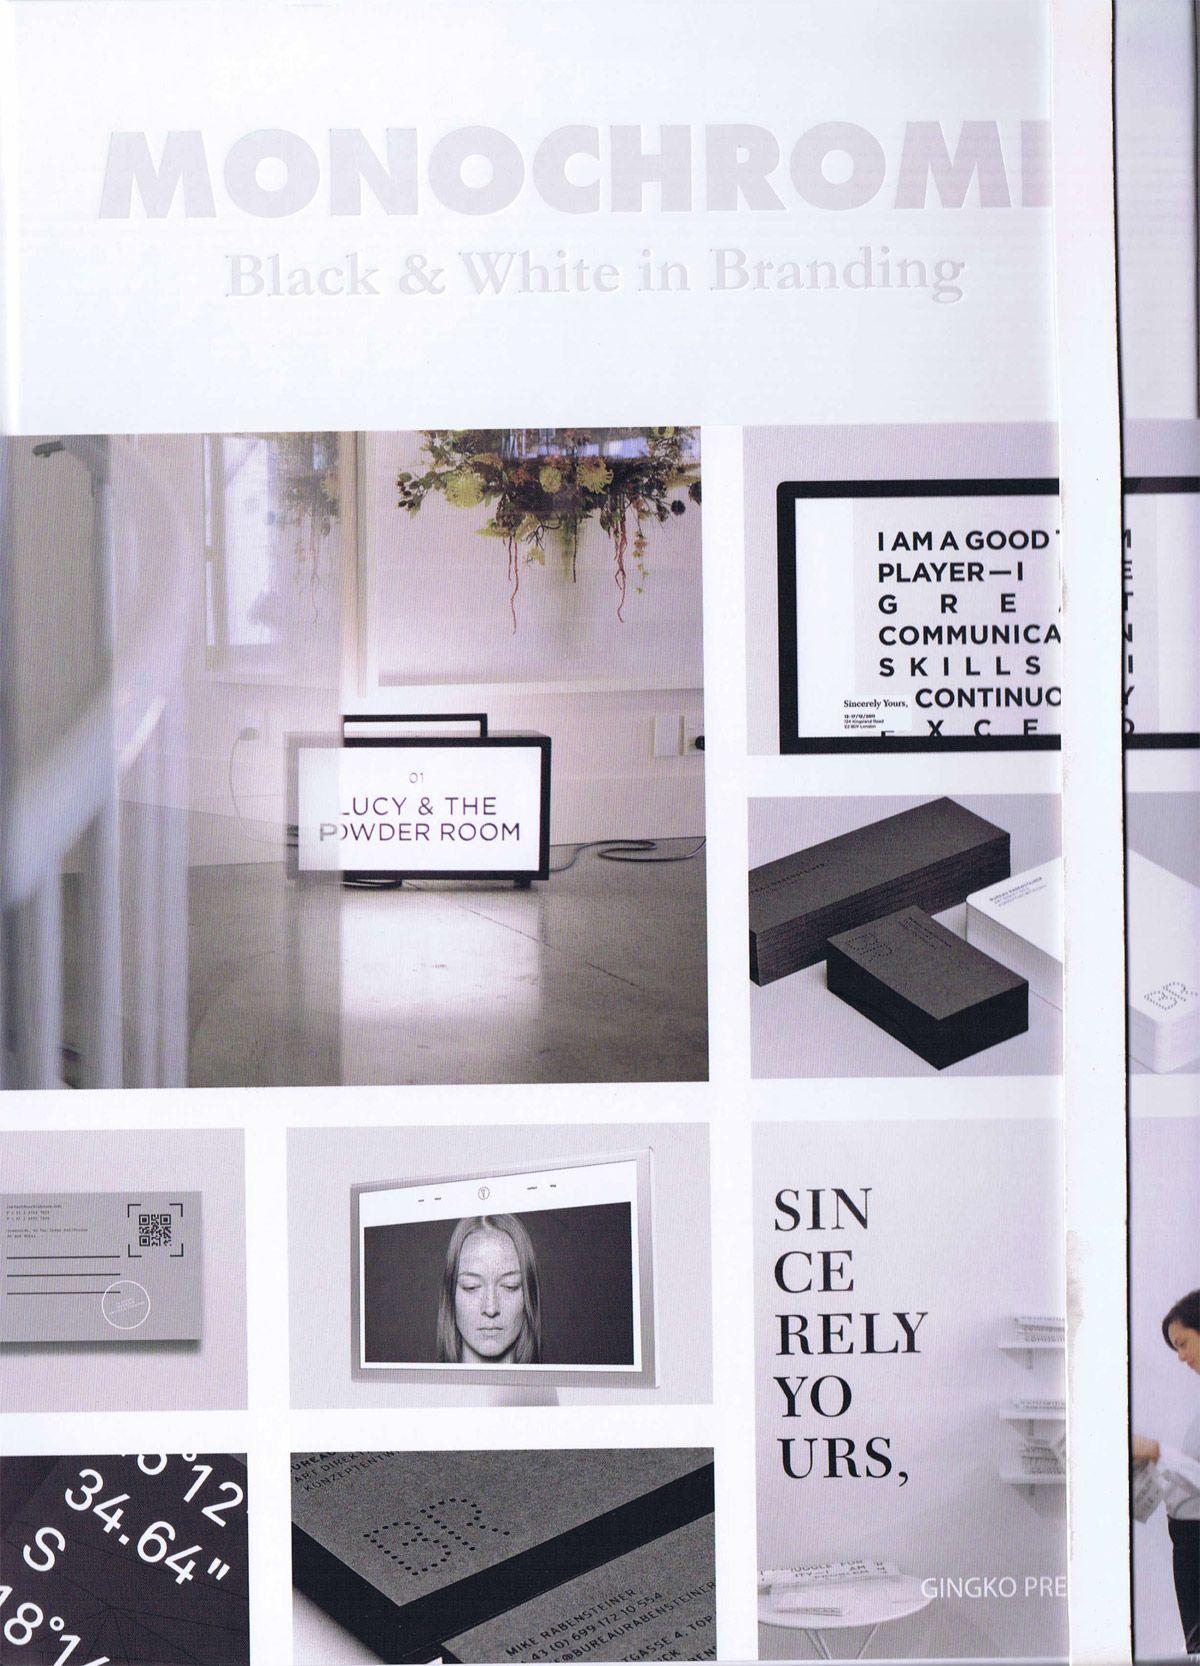 Monochrome - Black & White in Branding bog fra Viking og Creas